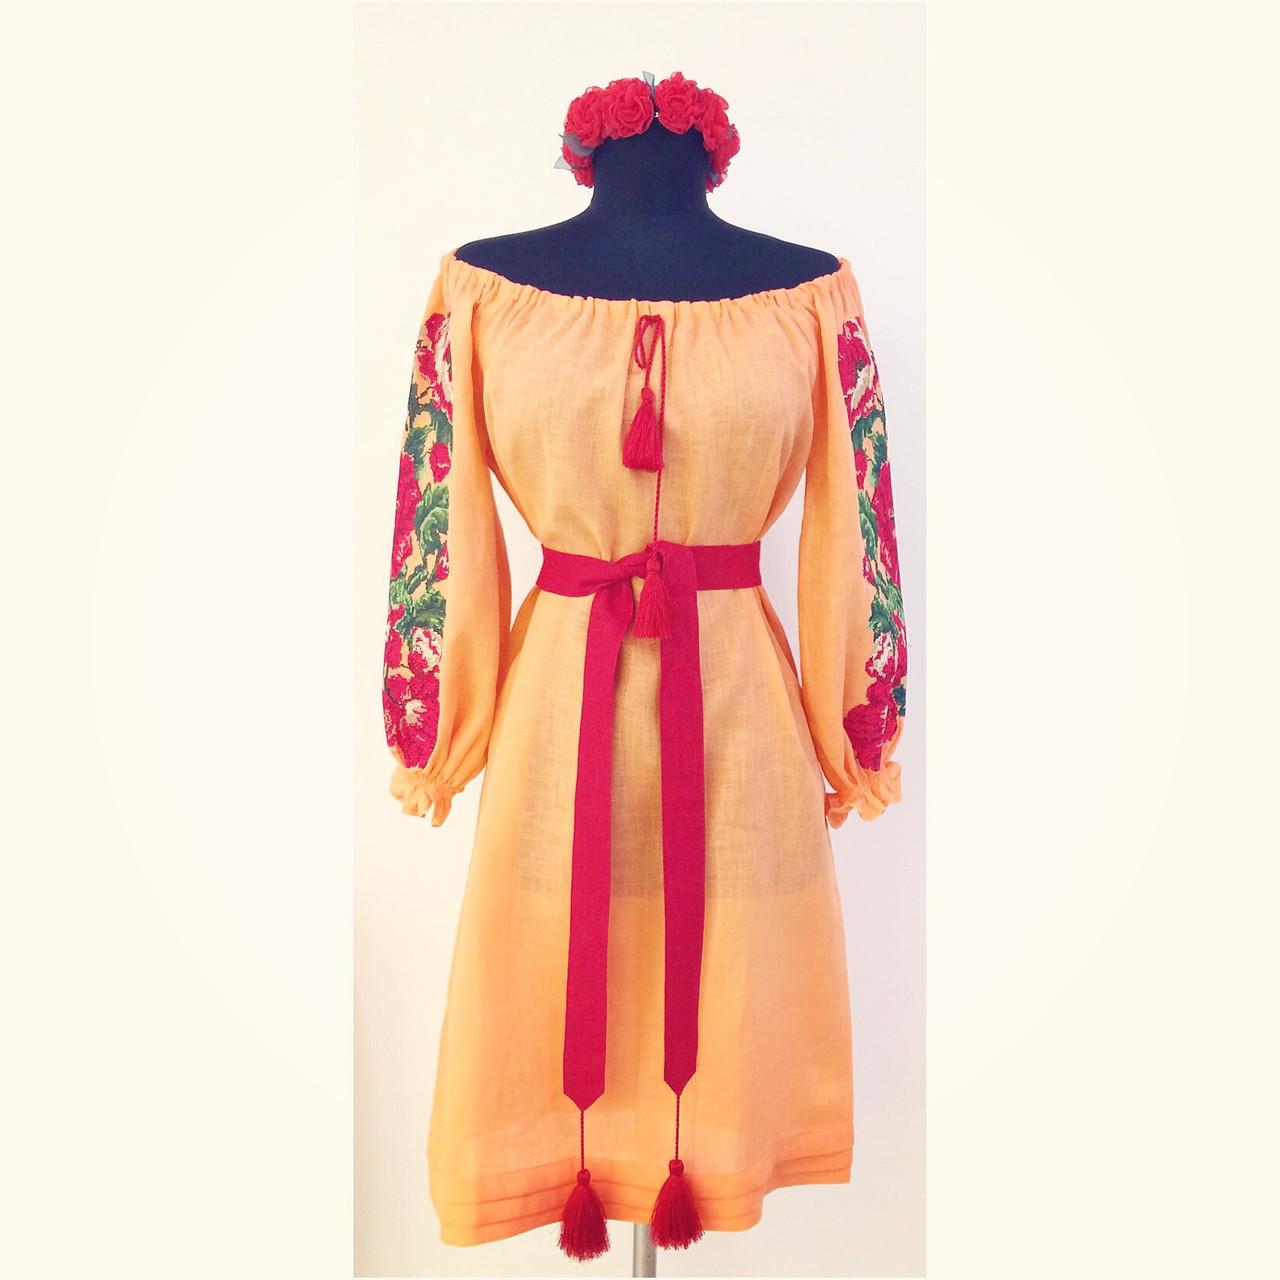 b985b2e67dabdb Вишита сукня на плечі персик льон вишивка троянди на рукавах ...